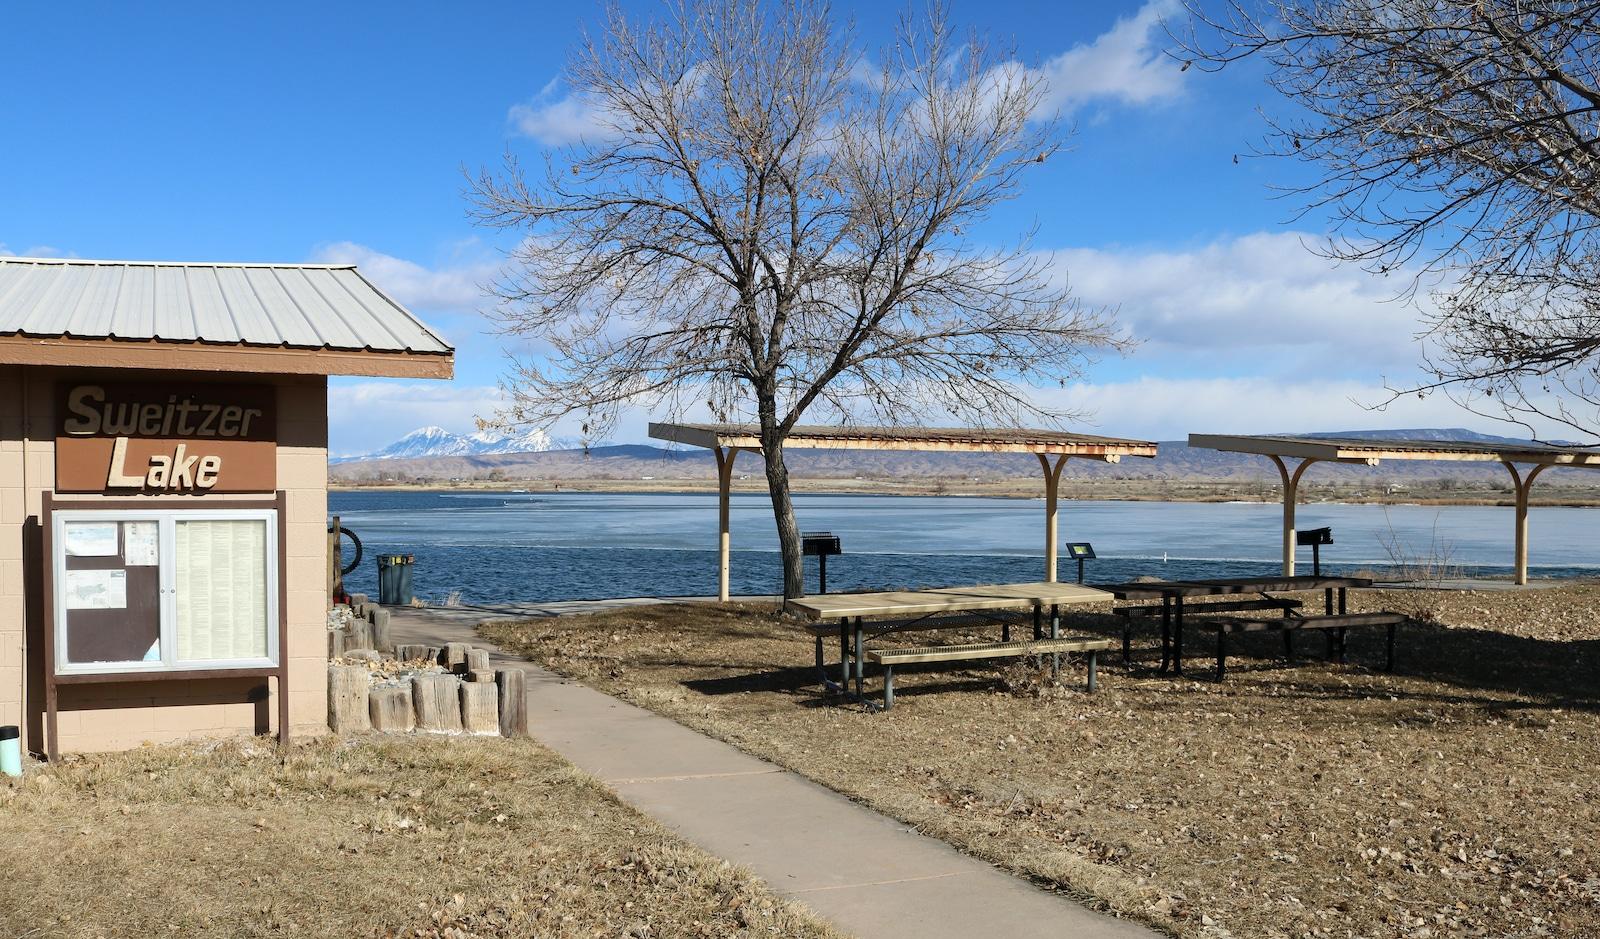 Sweitzer Lake Delta Colorado